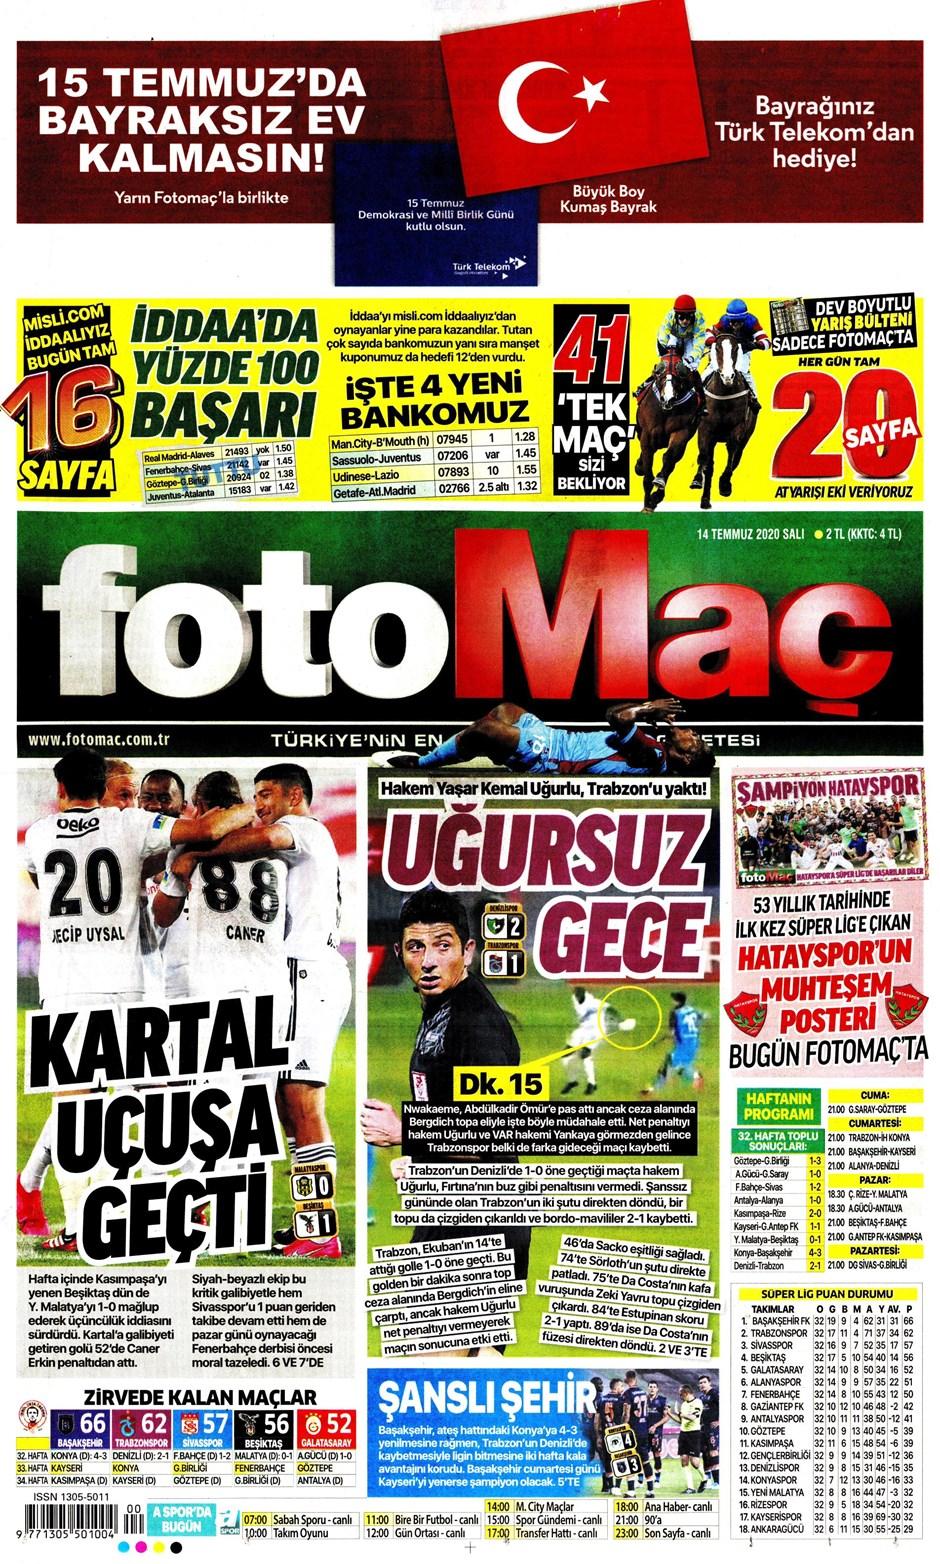 Sporda gazete başlıkları! Günün spor manşetleri (14 Temmuz 2020) 7